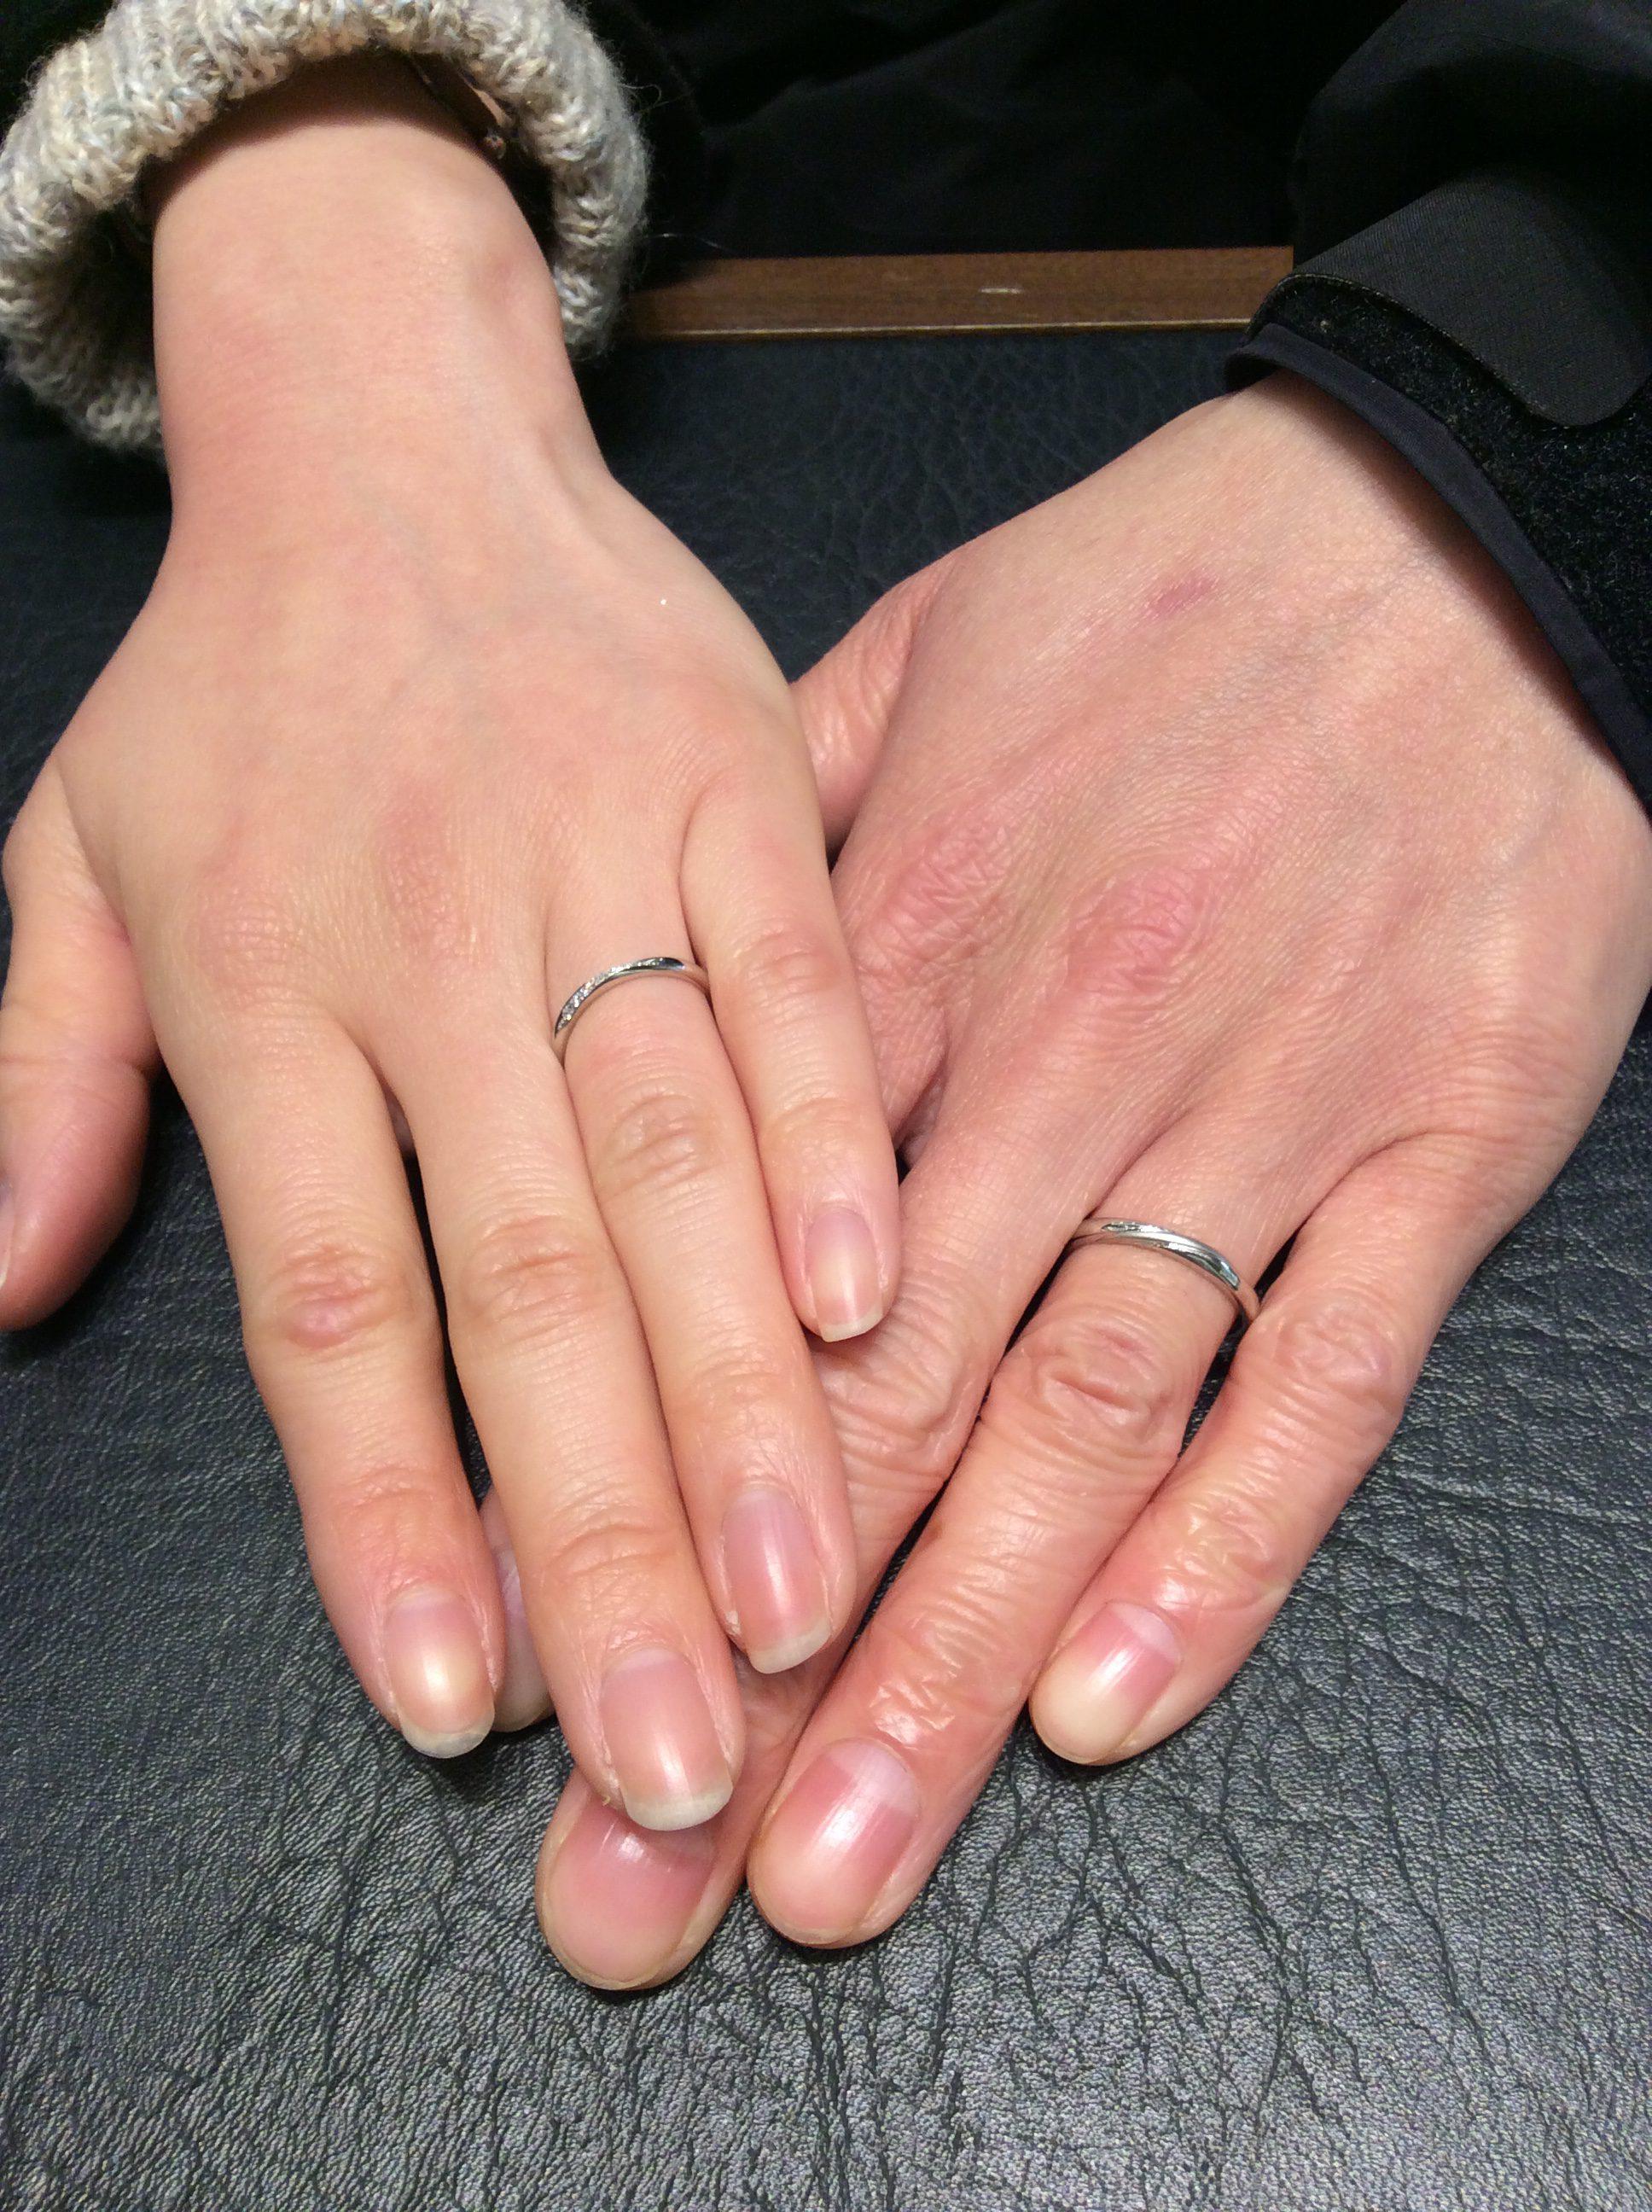 LUCIE(ルシエ)の結婚指輪リップル&リファージュをご成約(新潟市/M様ご夫婦)